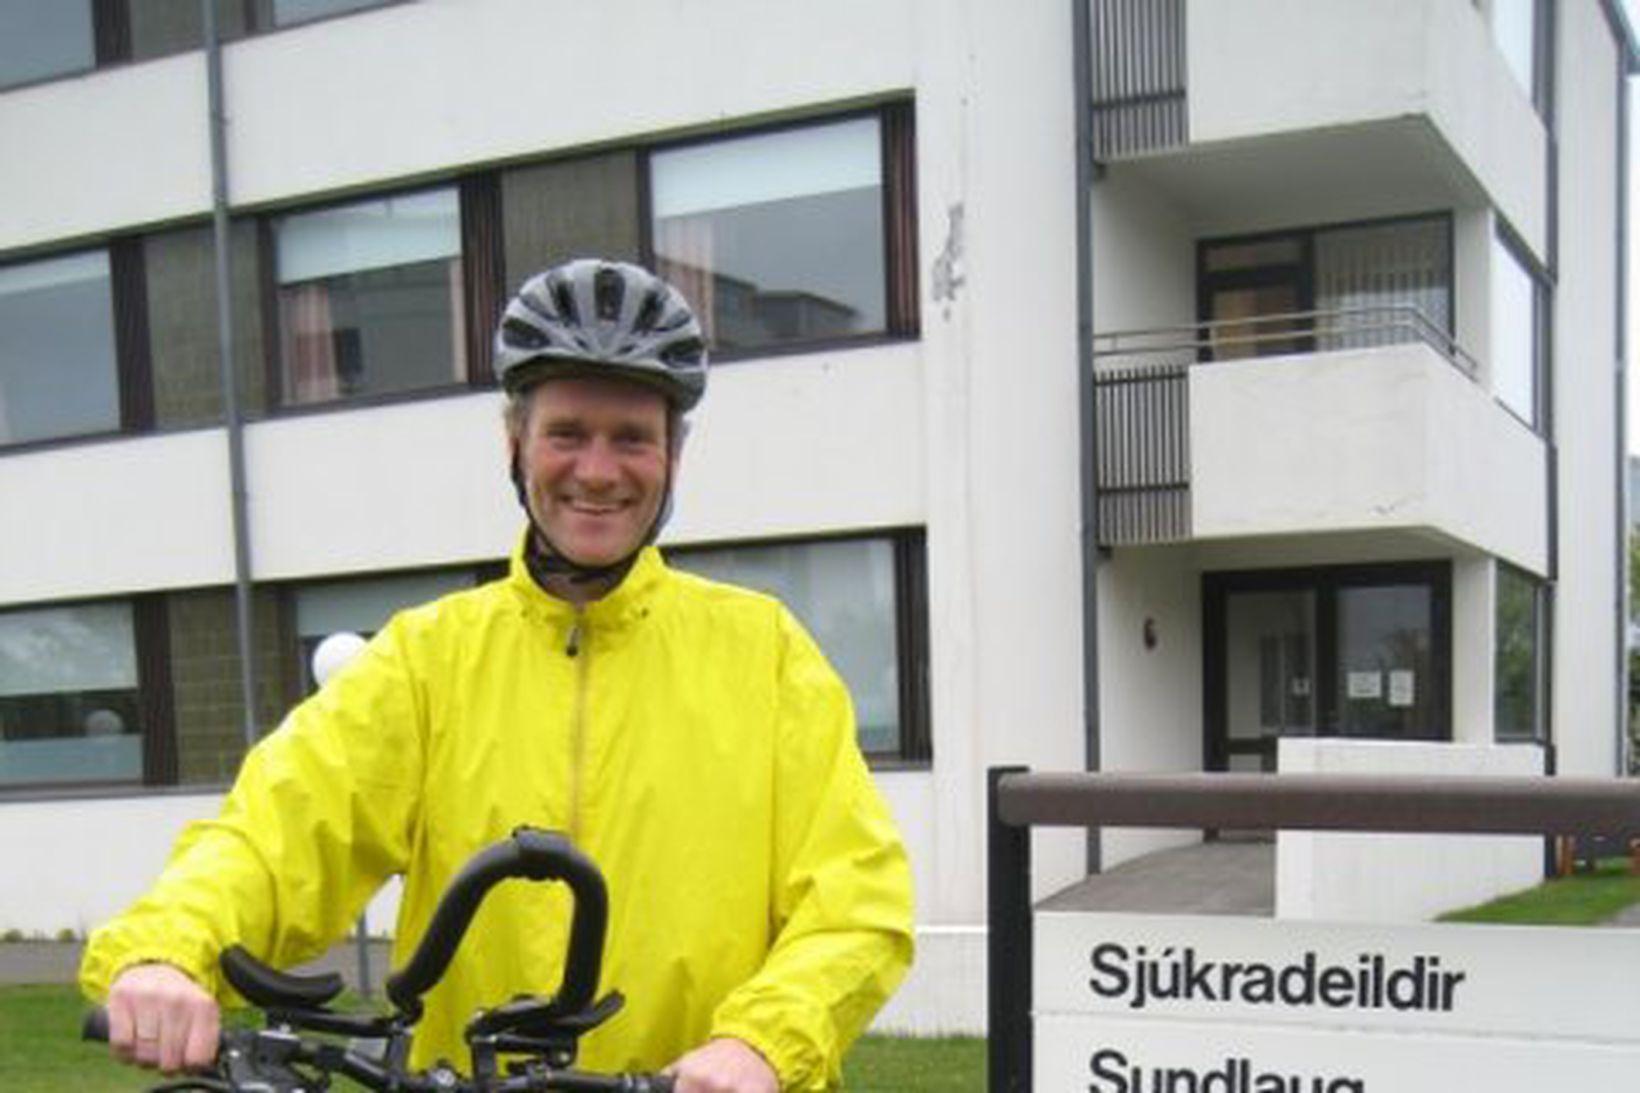 Hávarður Tryggvason